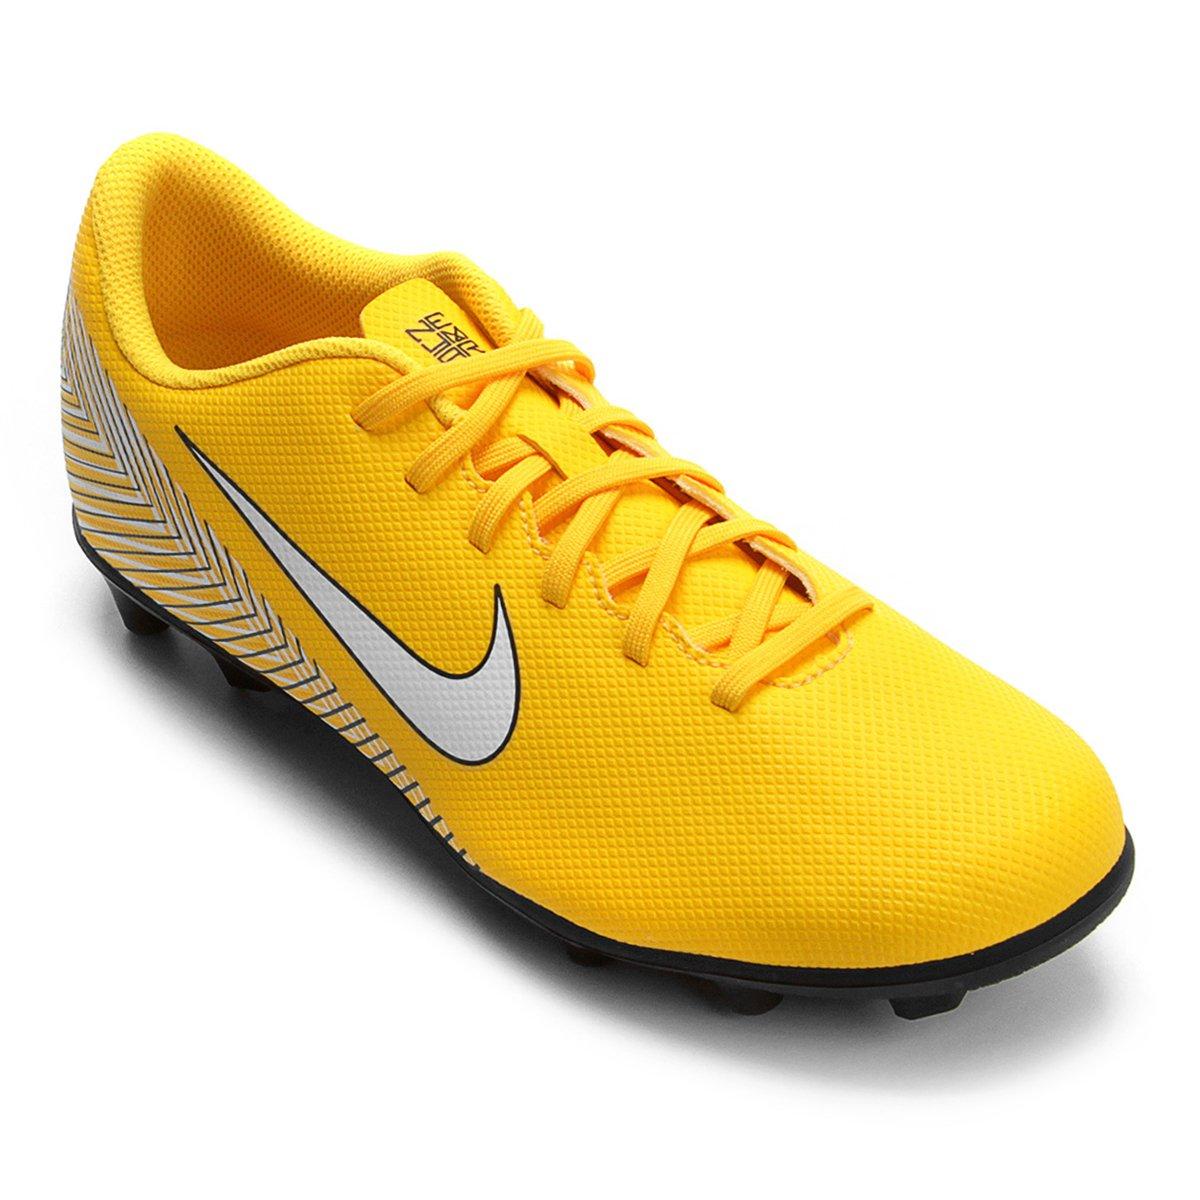 f7099dbeab Chuteira Campo Nike Mercurial Vapor 12 Club Neymar FG - Amarelo e ...